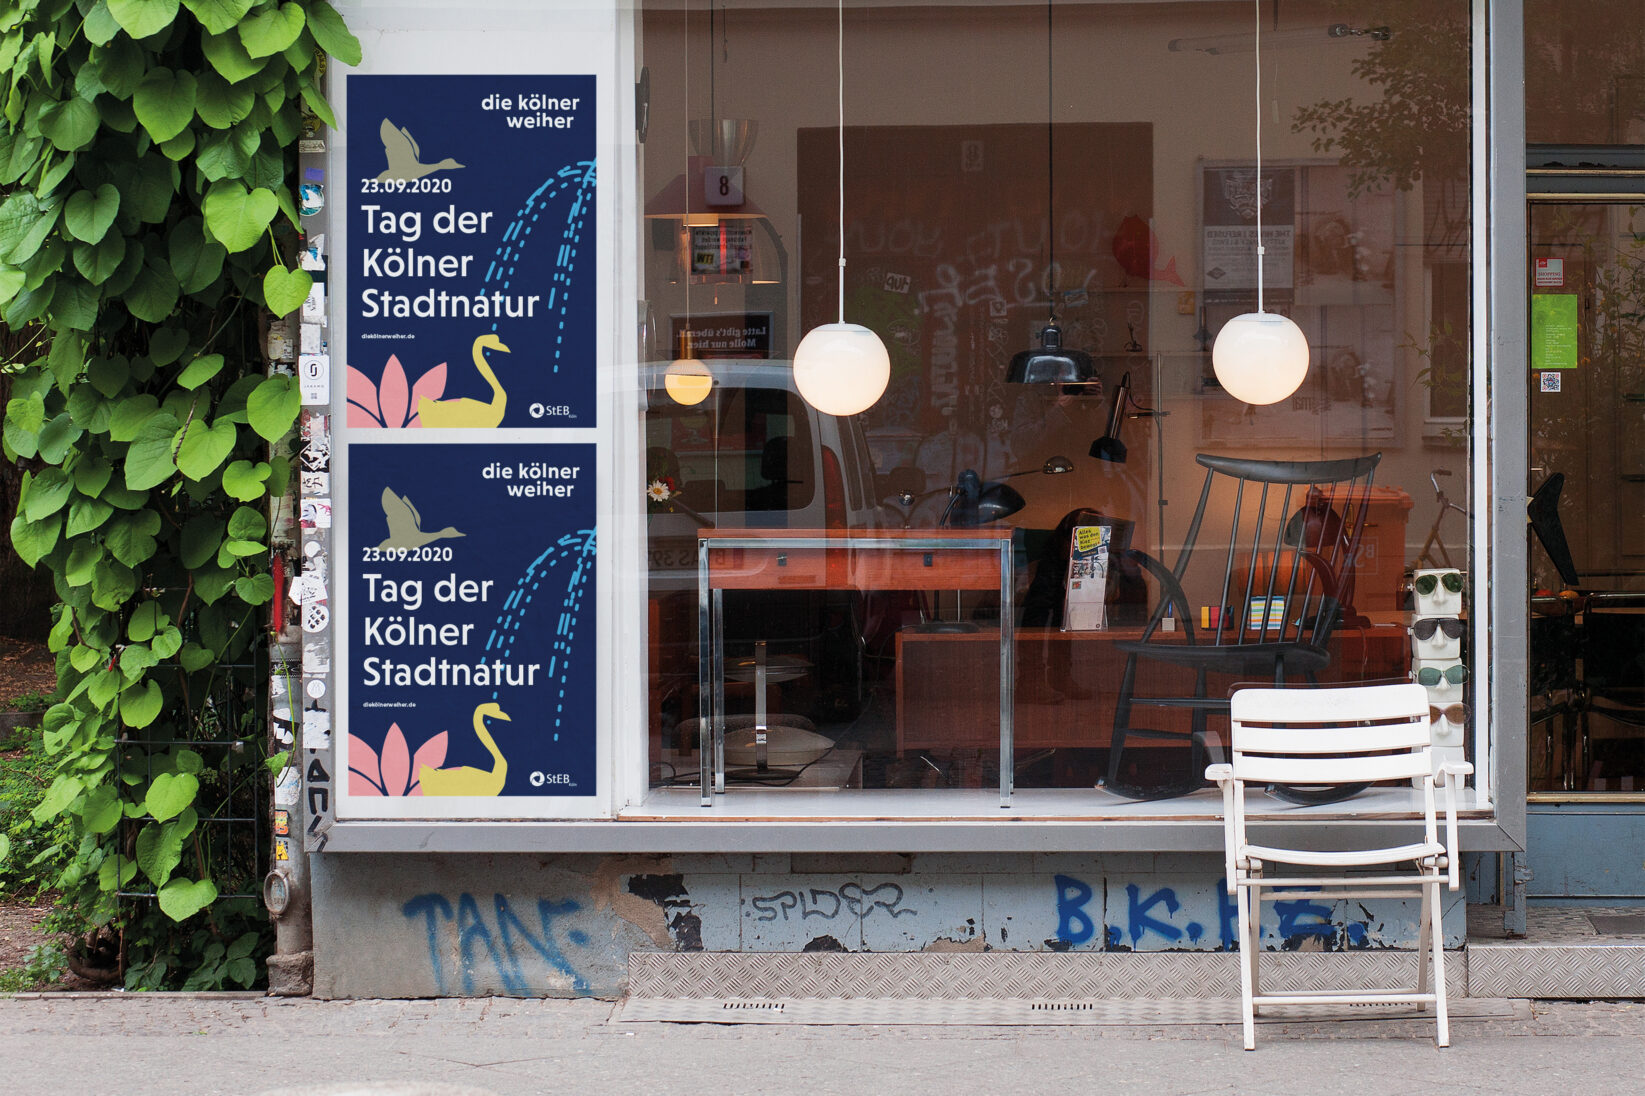 Zwei Plakate im städtischen Kontext